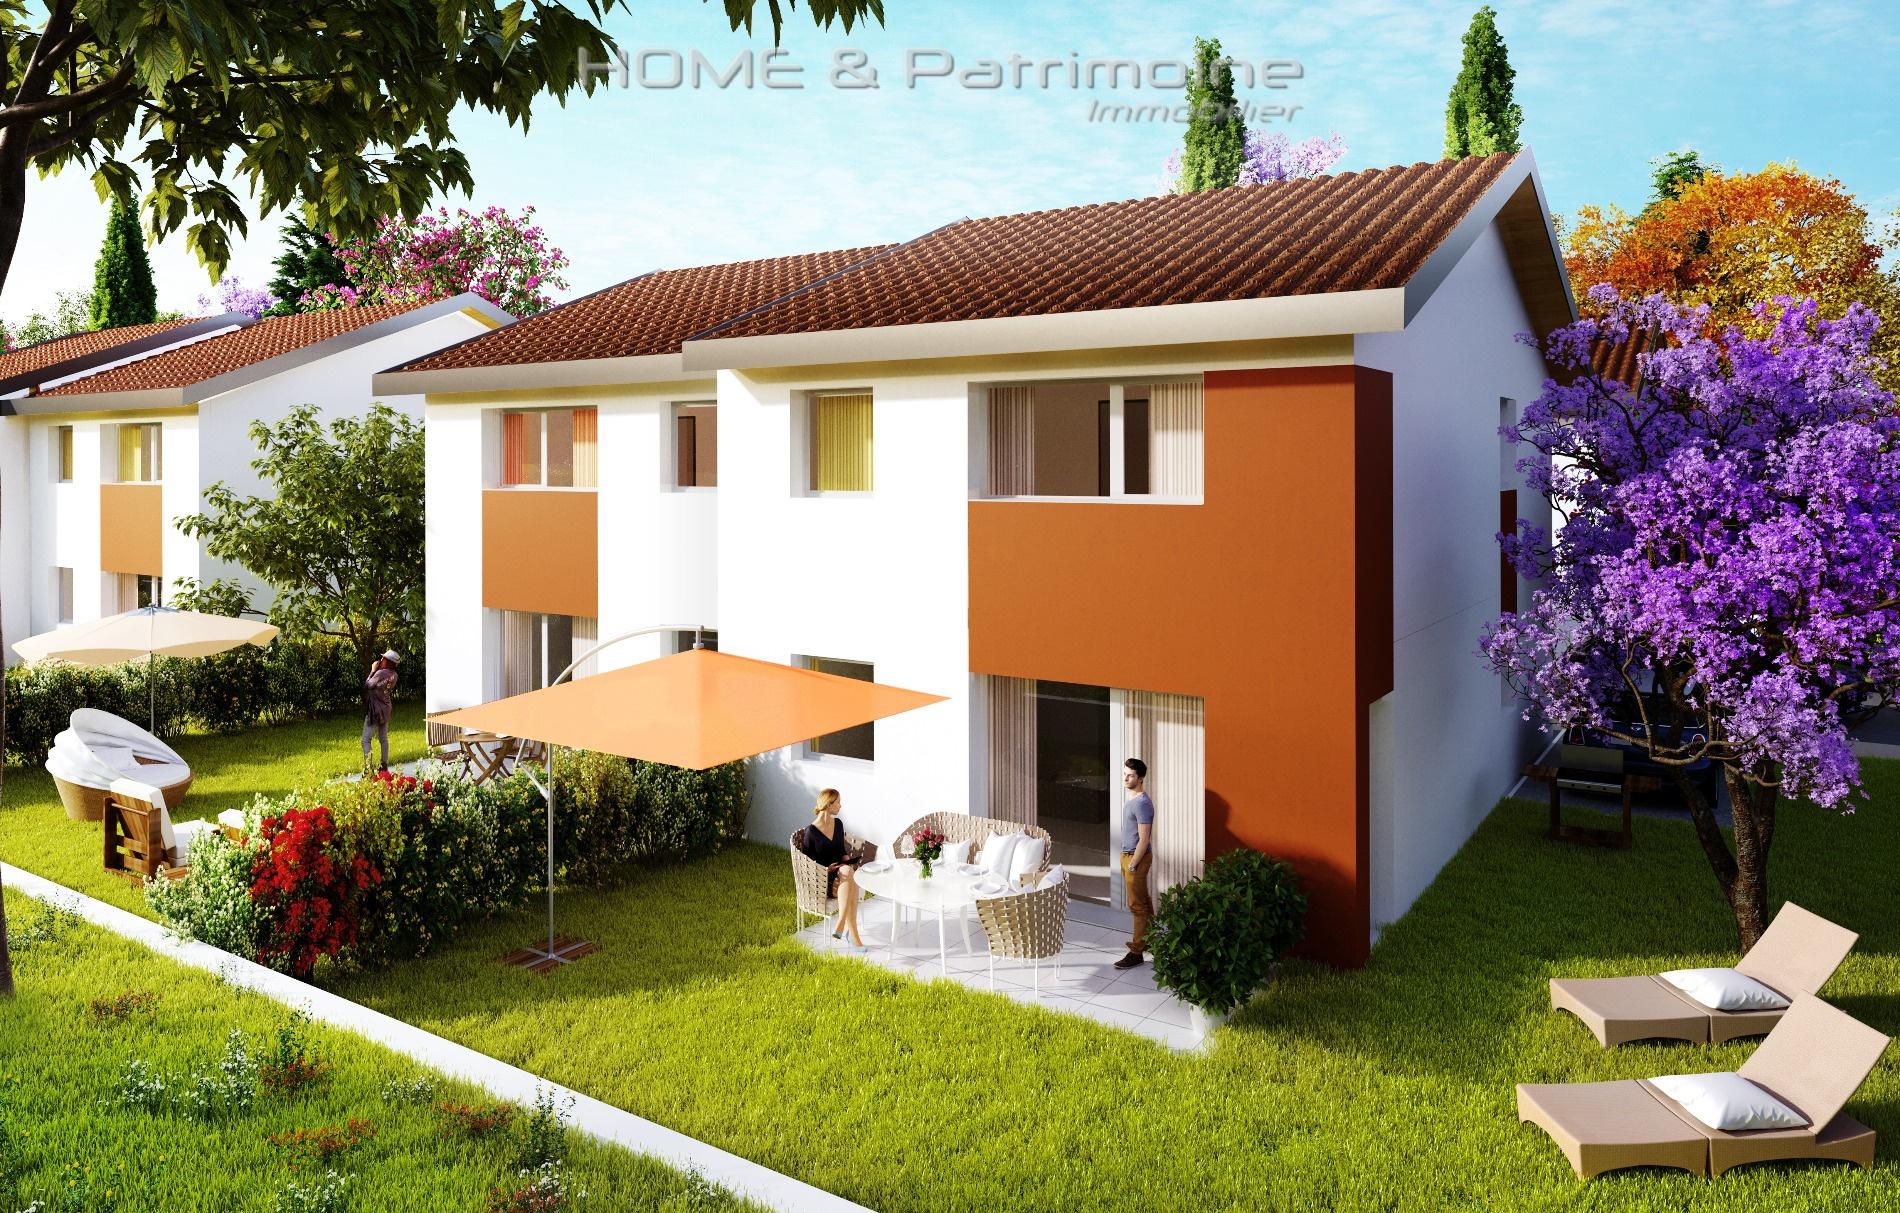 vente maison thonon les bains maison vendre thonon les bains. Black Bedroom Furniture Sets. Home Design Ideas